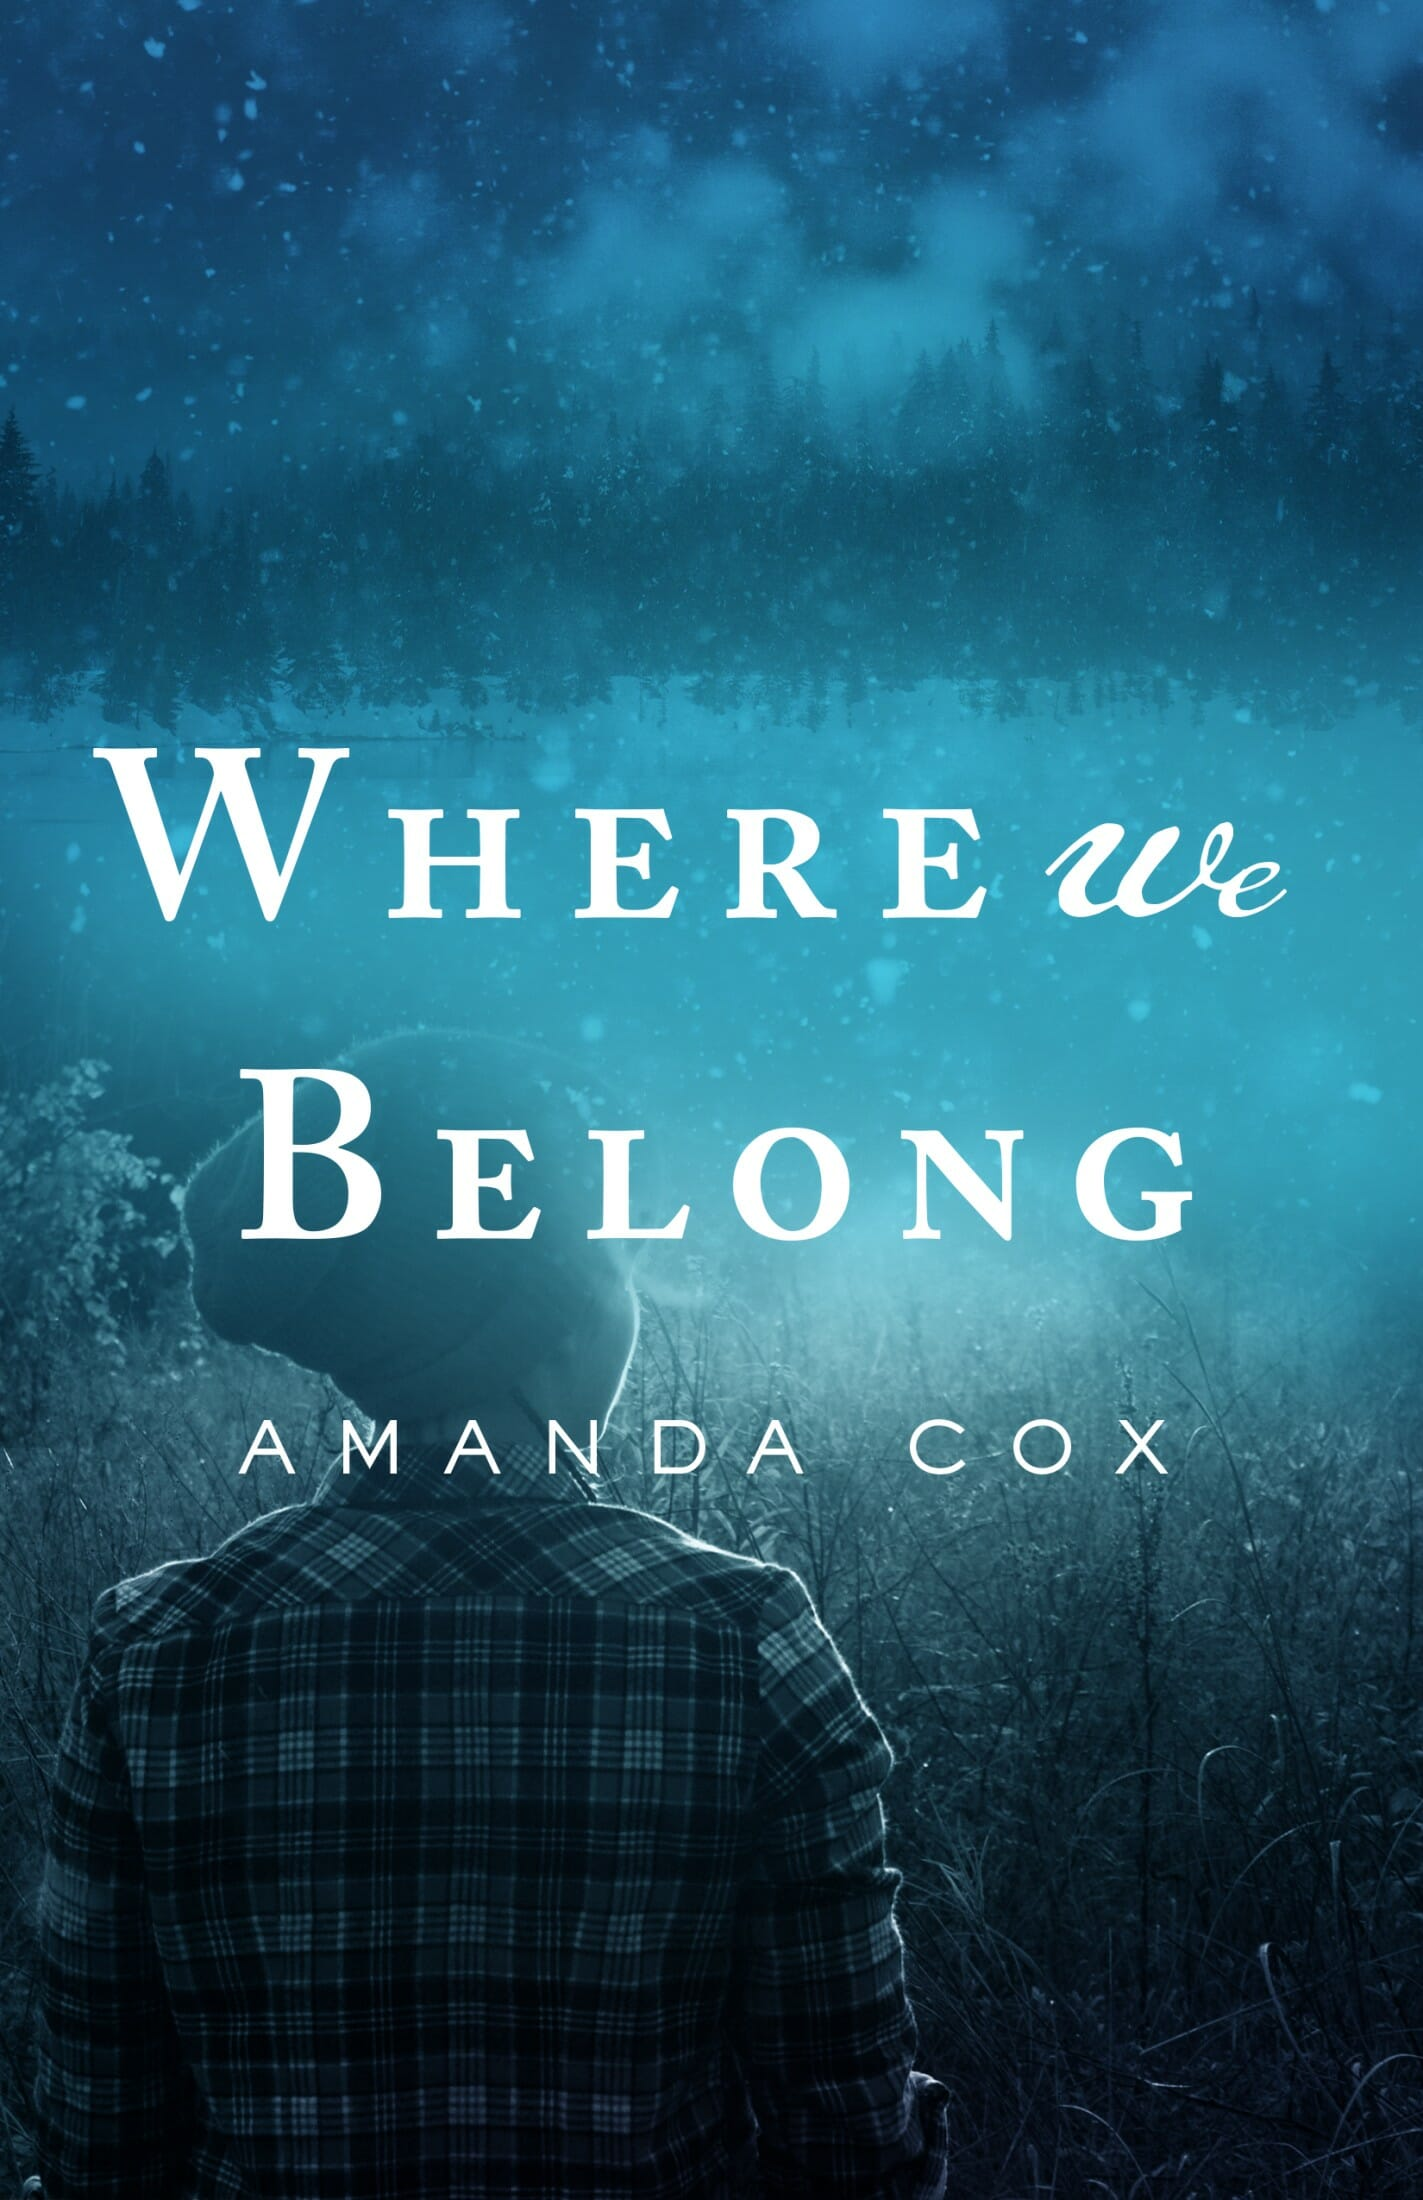 Where-We-Belong-docx-Amanda-Cox.jpg